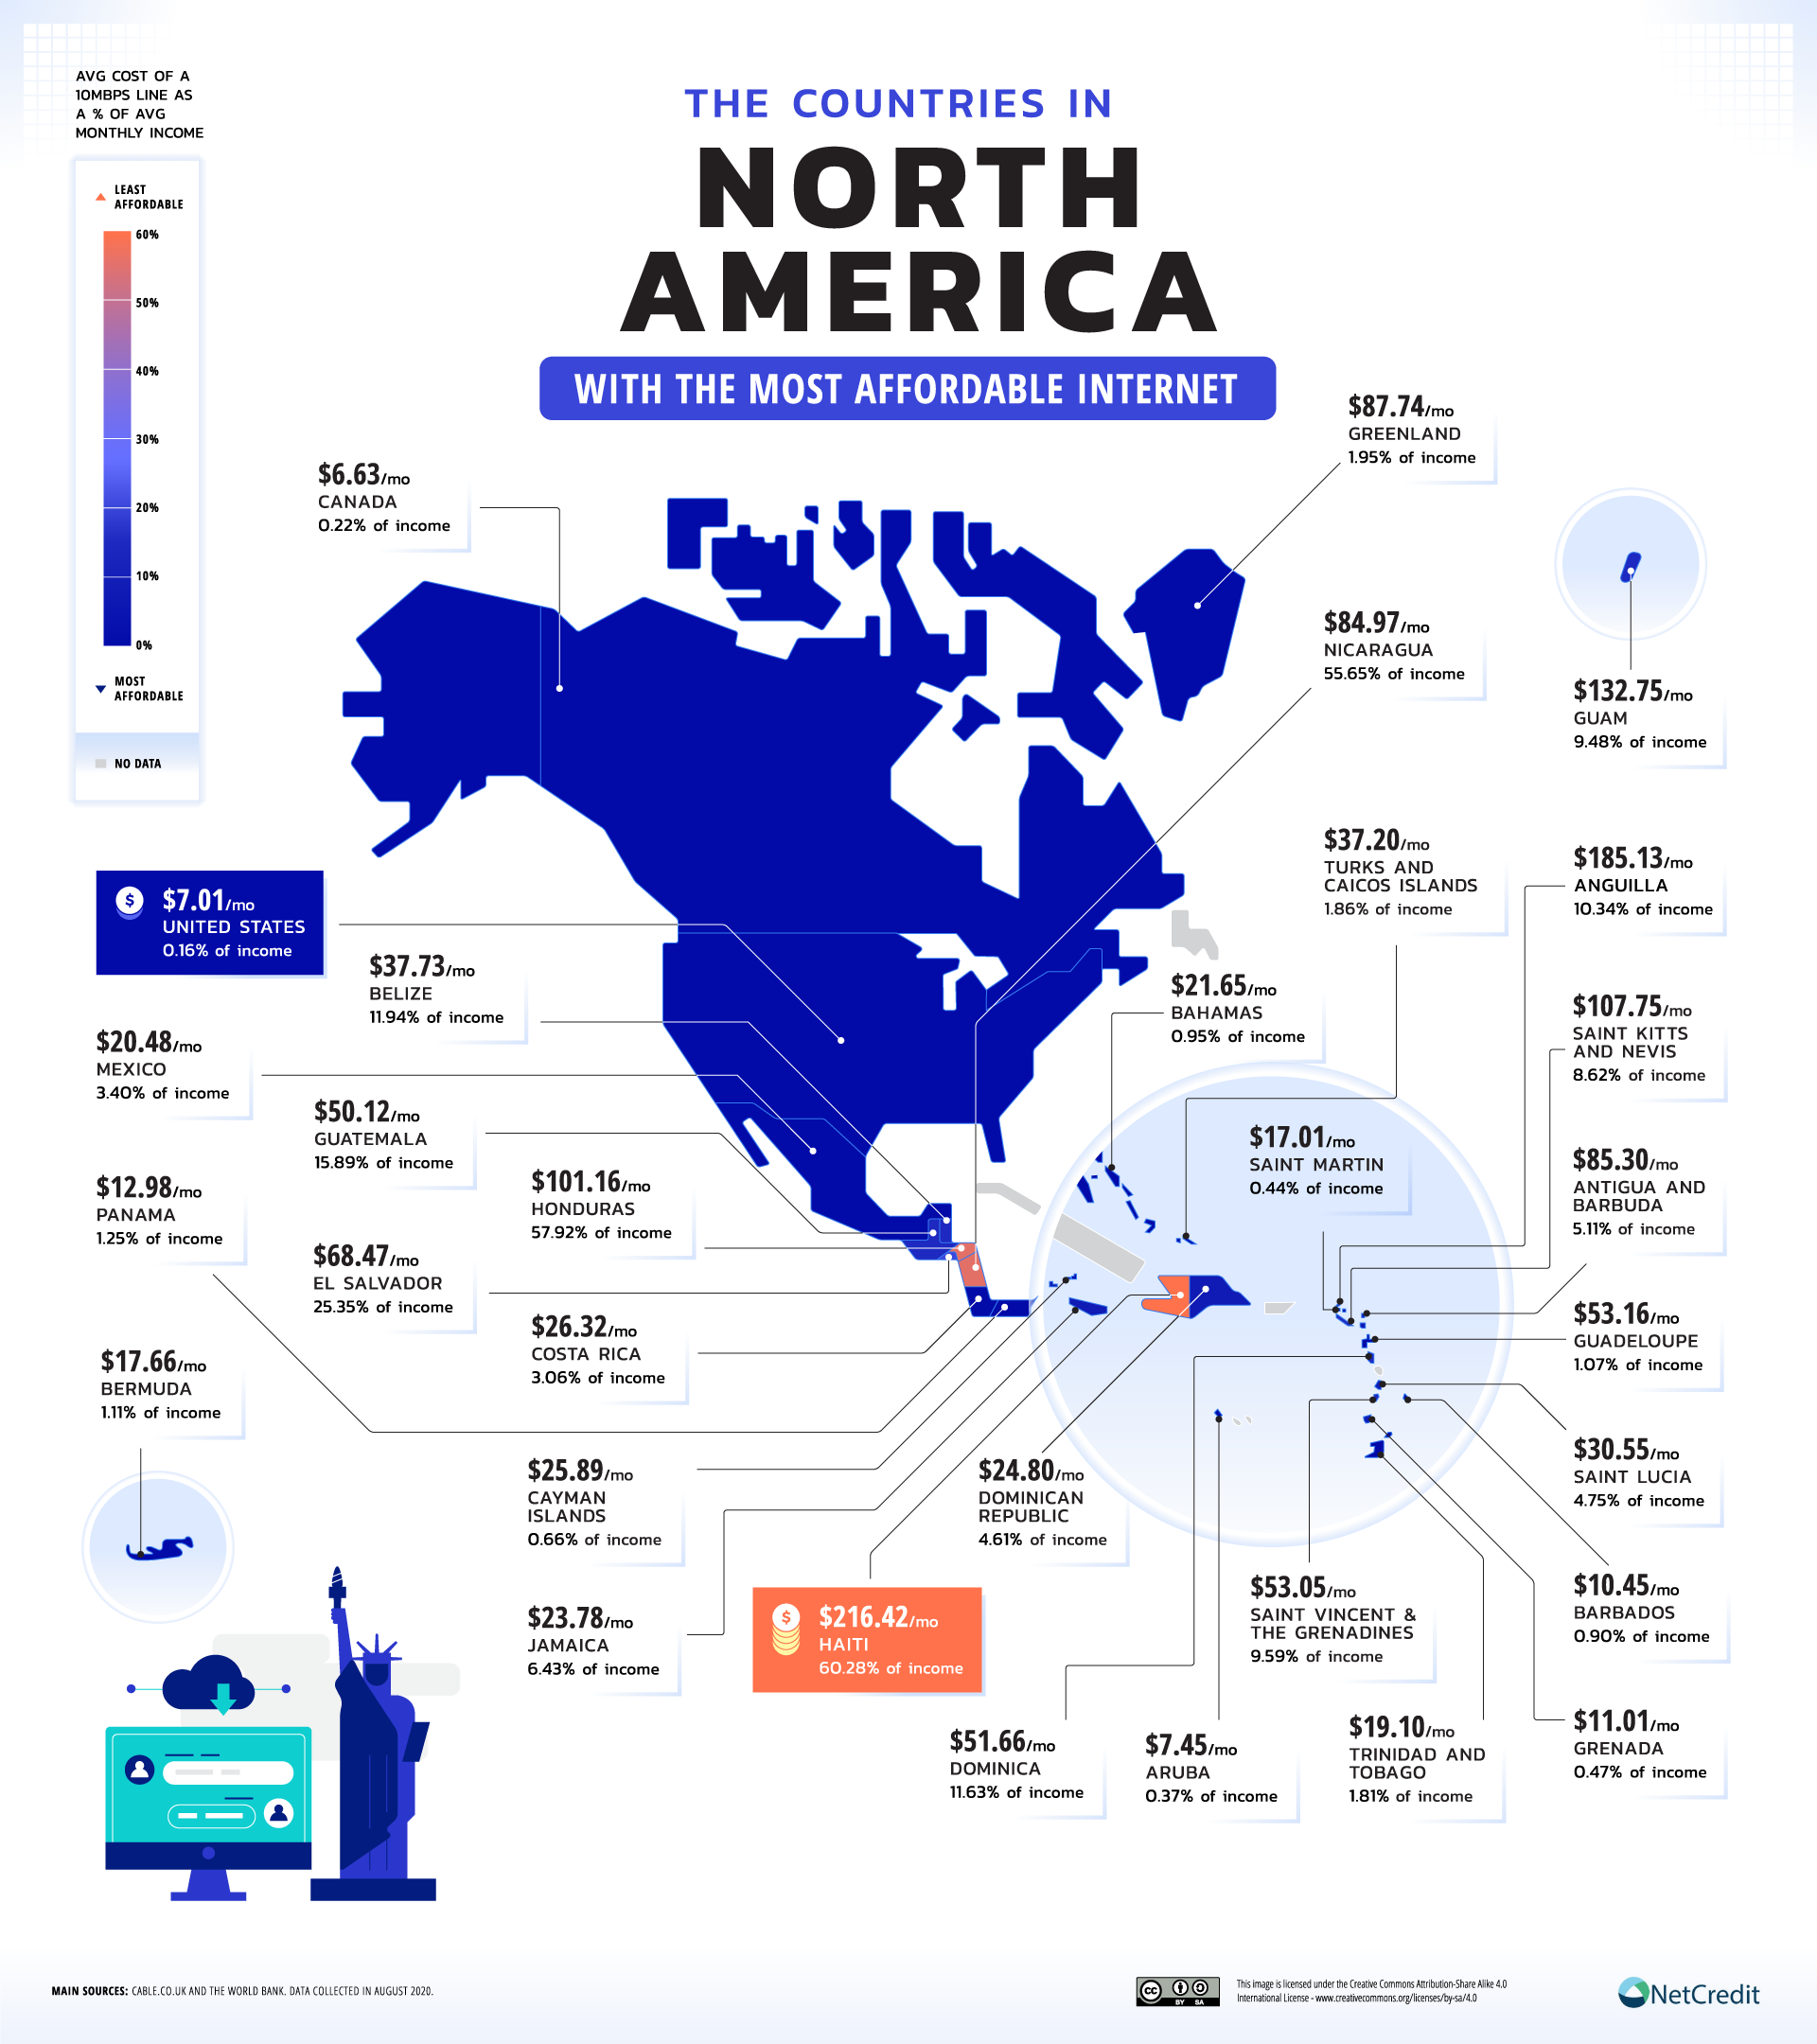 Los países con internet más y menos accesible en Norte América